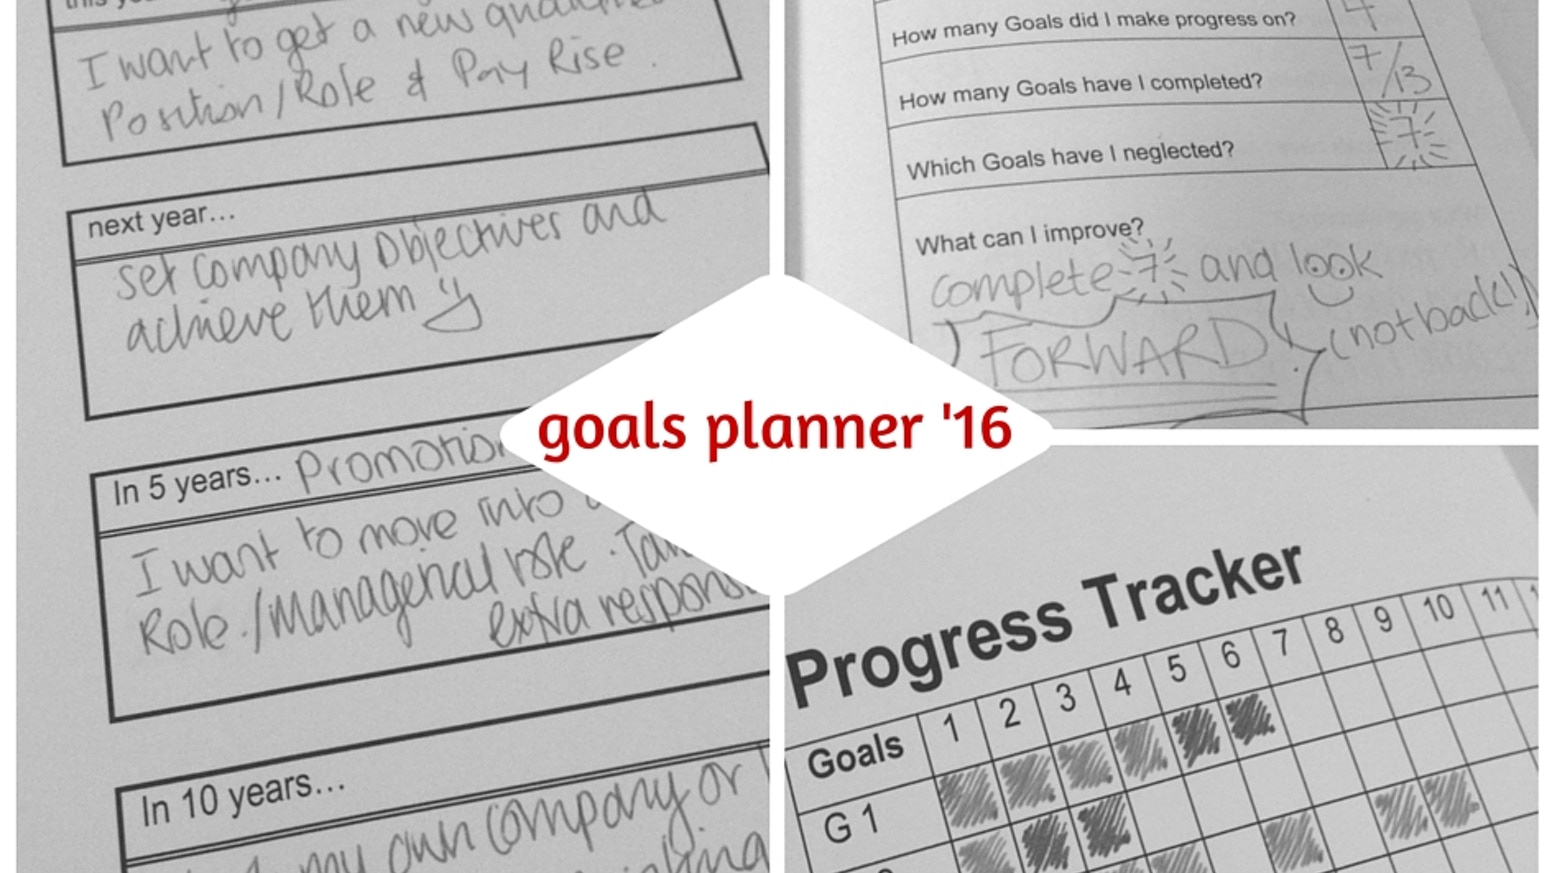 goals planner 2016 a pocket notebook by printed portal kickstarter